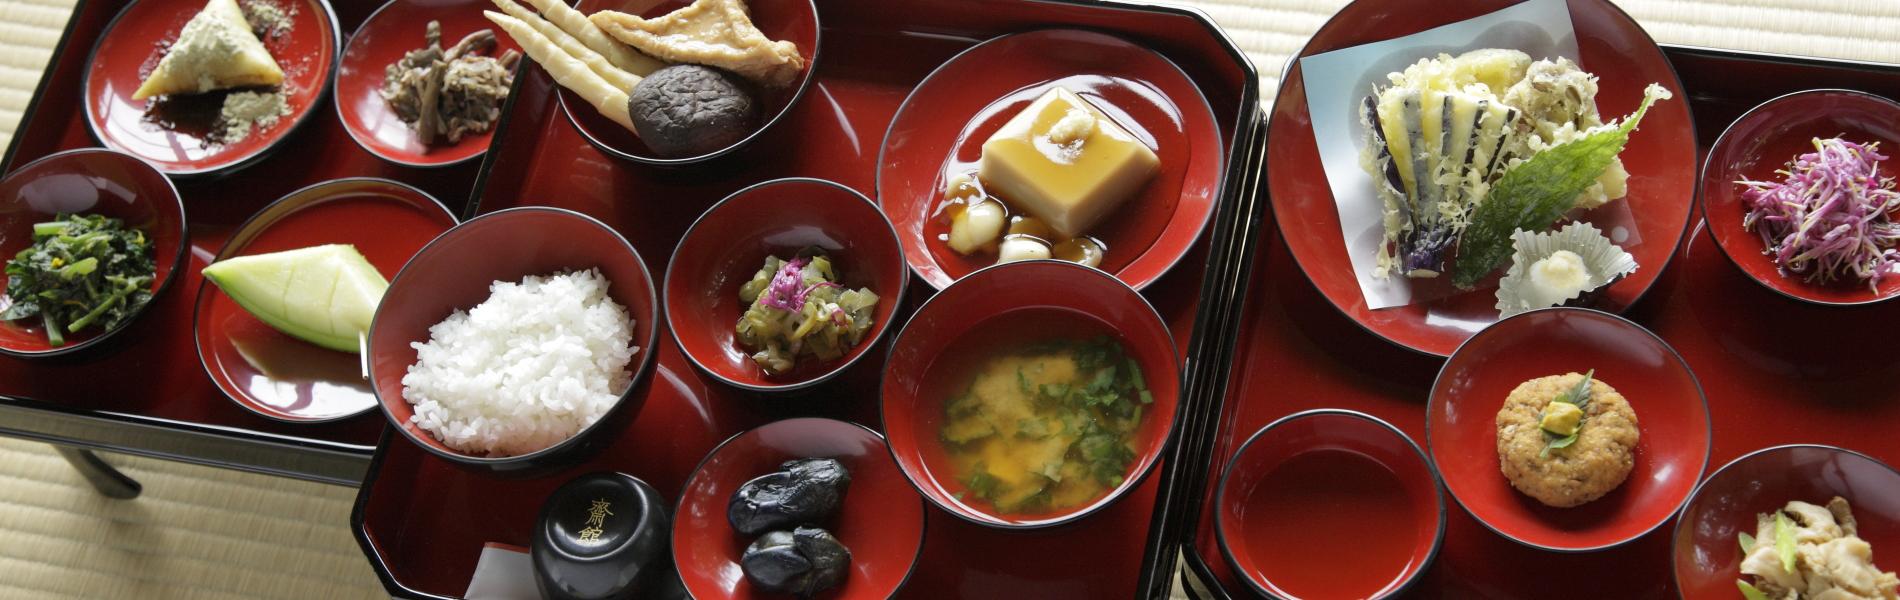 Shojin-ryori (vegetarian ascetic cuisine)